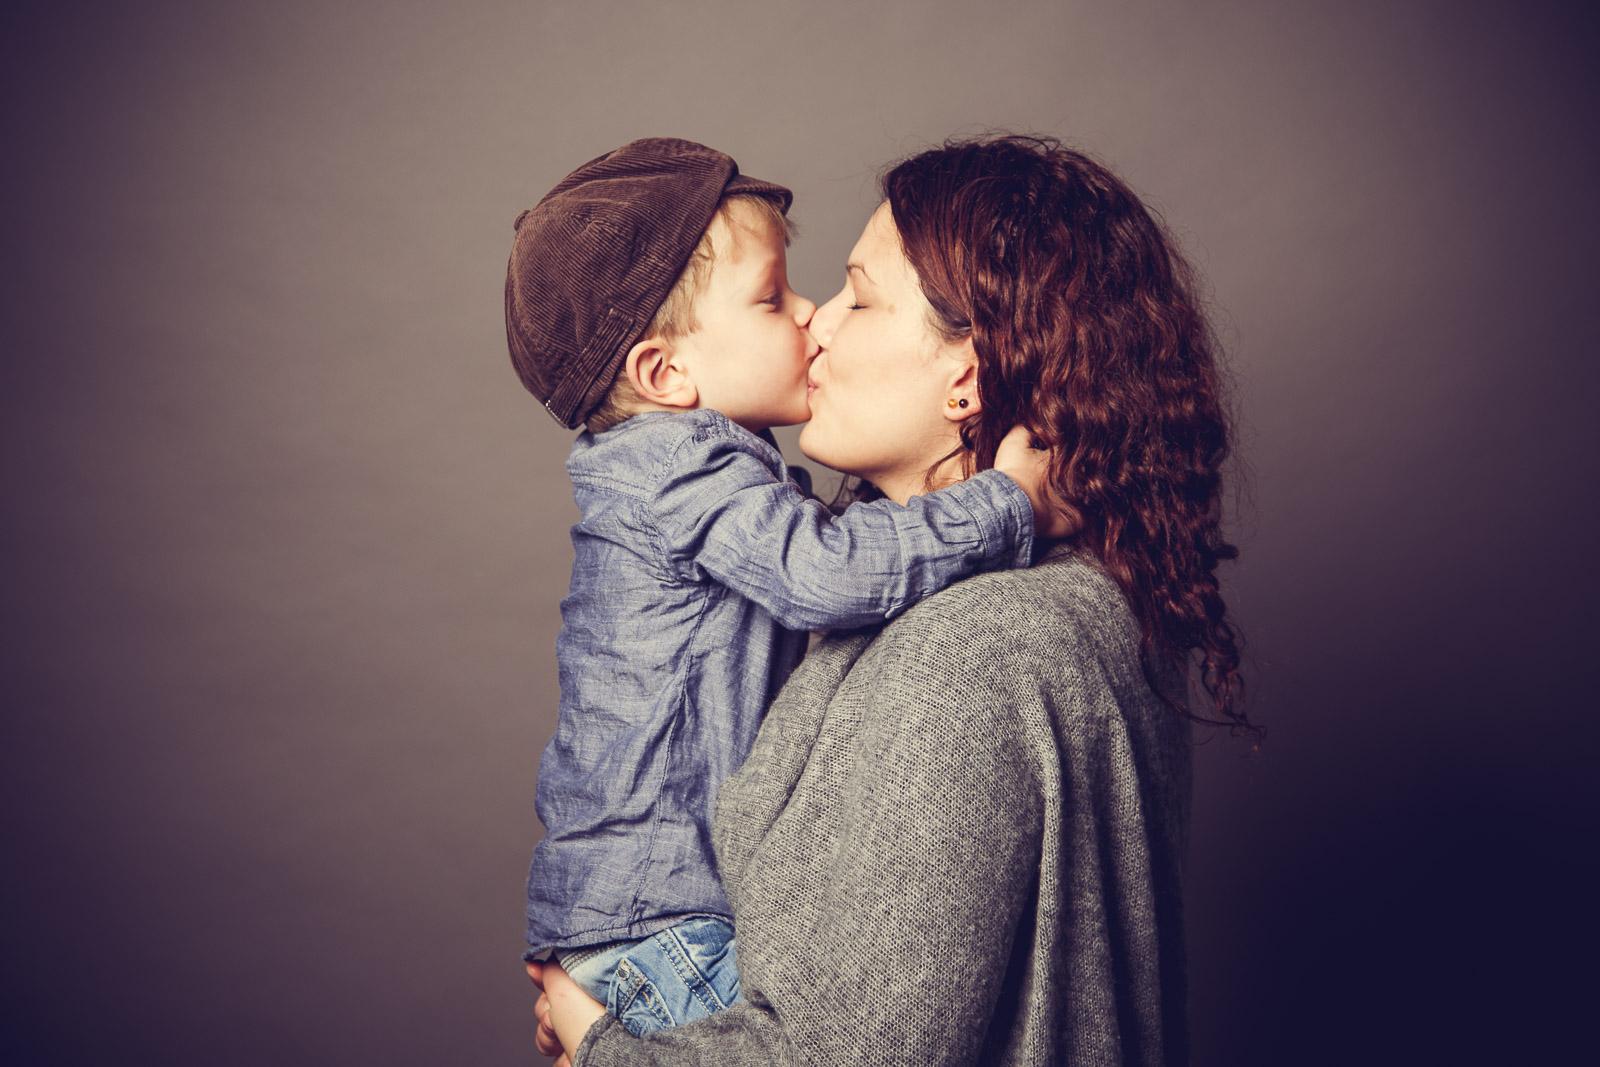 Fotograf für Familienfotos mit Kindern in Dresden